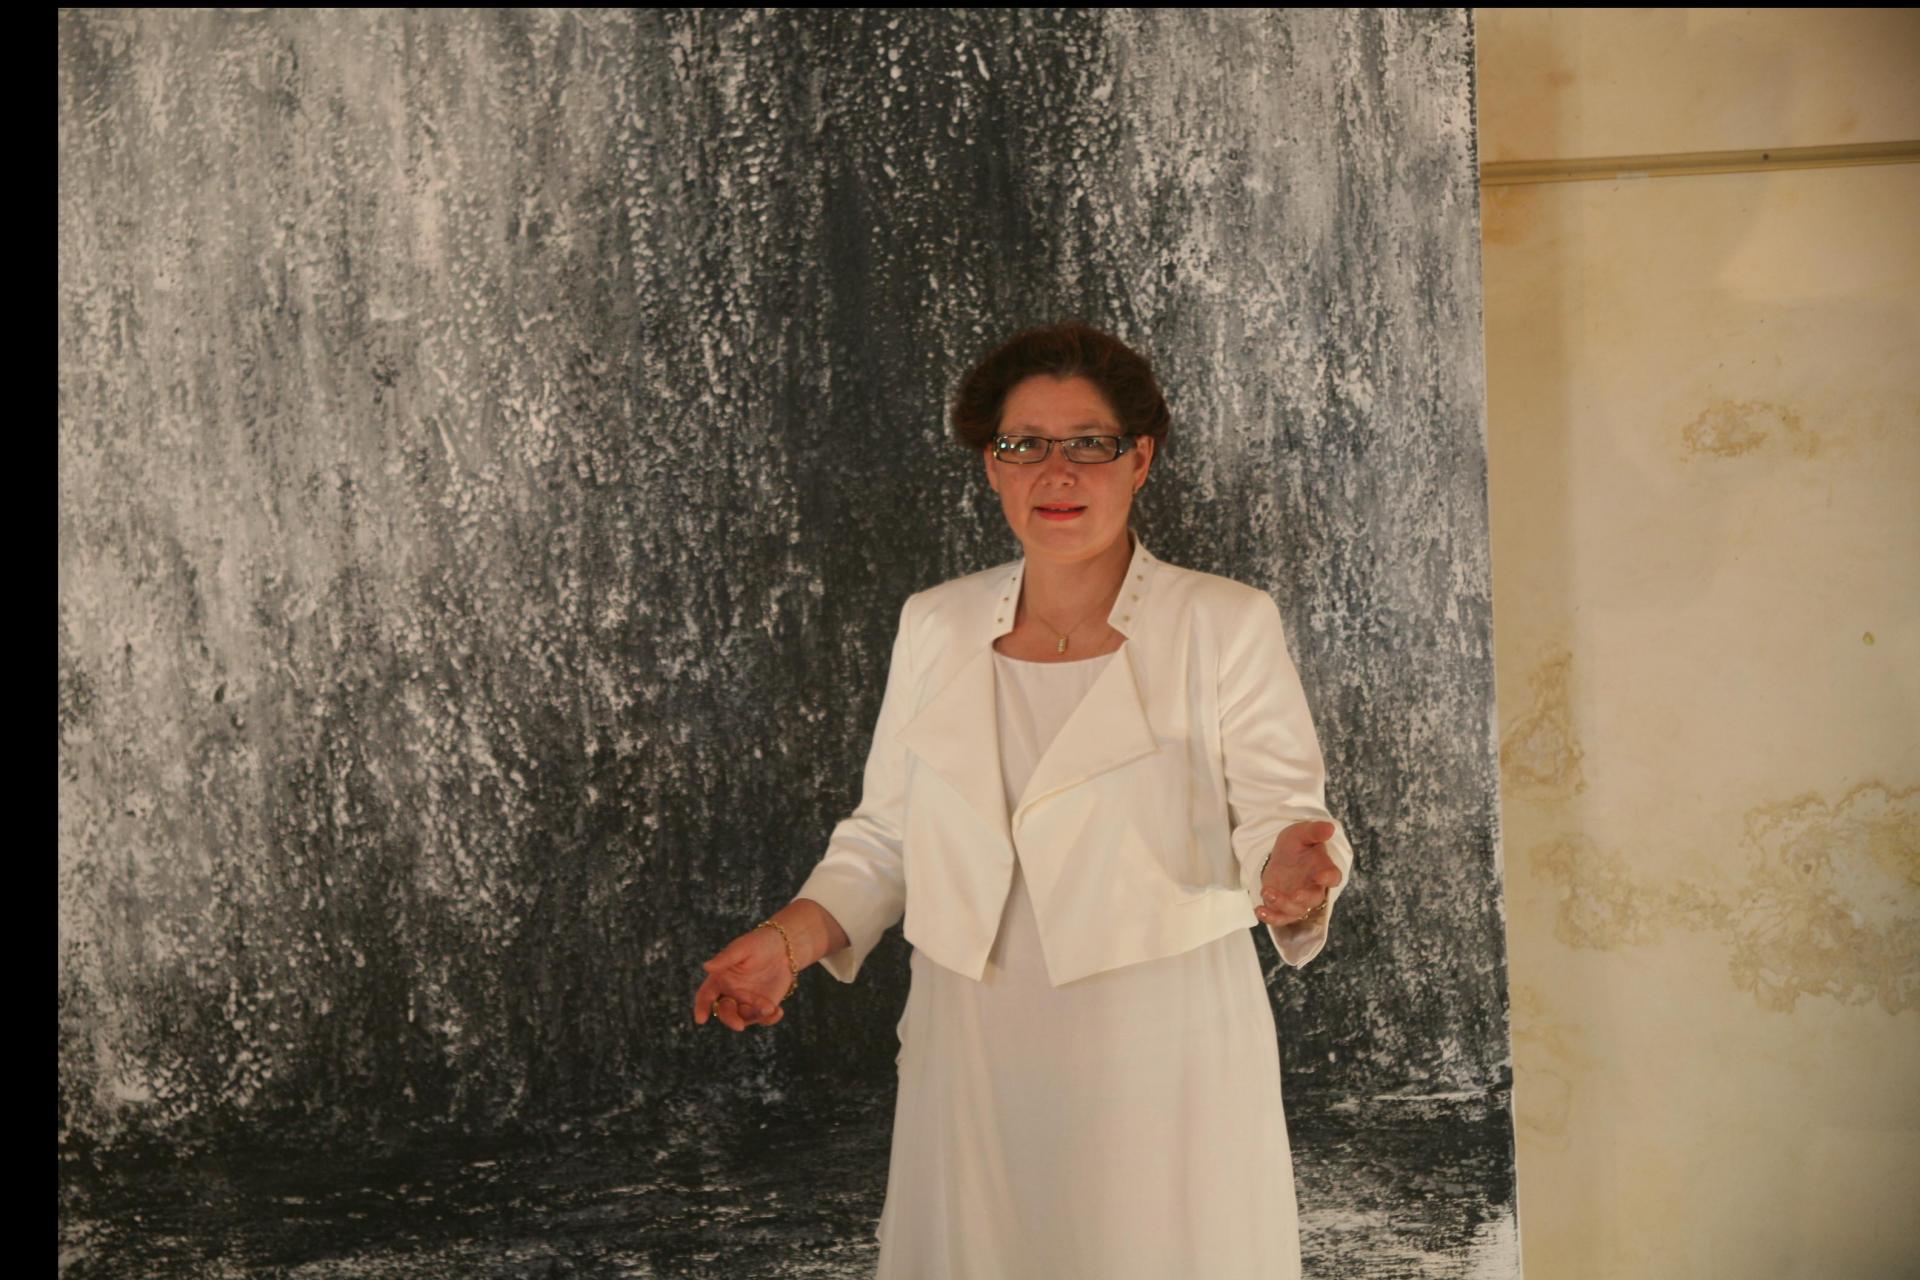 L artiste peintre verena von lichtenberg presente ses oeuvres d art a saulieu a l eglise st saturnin a anne catherine loisier senateur maire en bourgogne